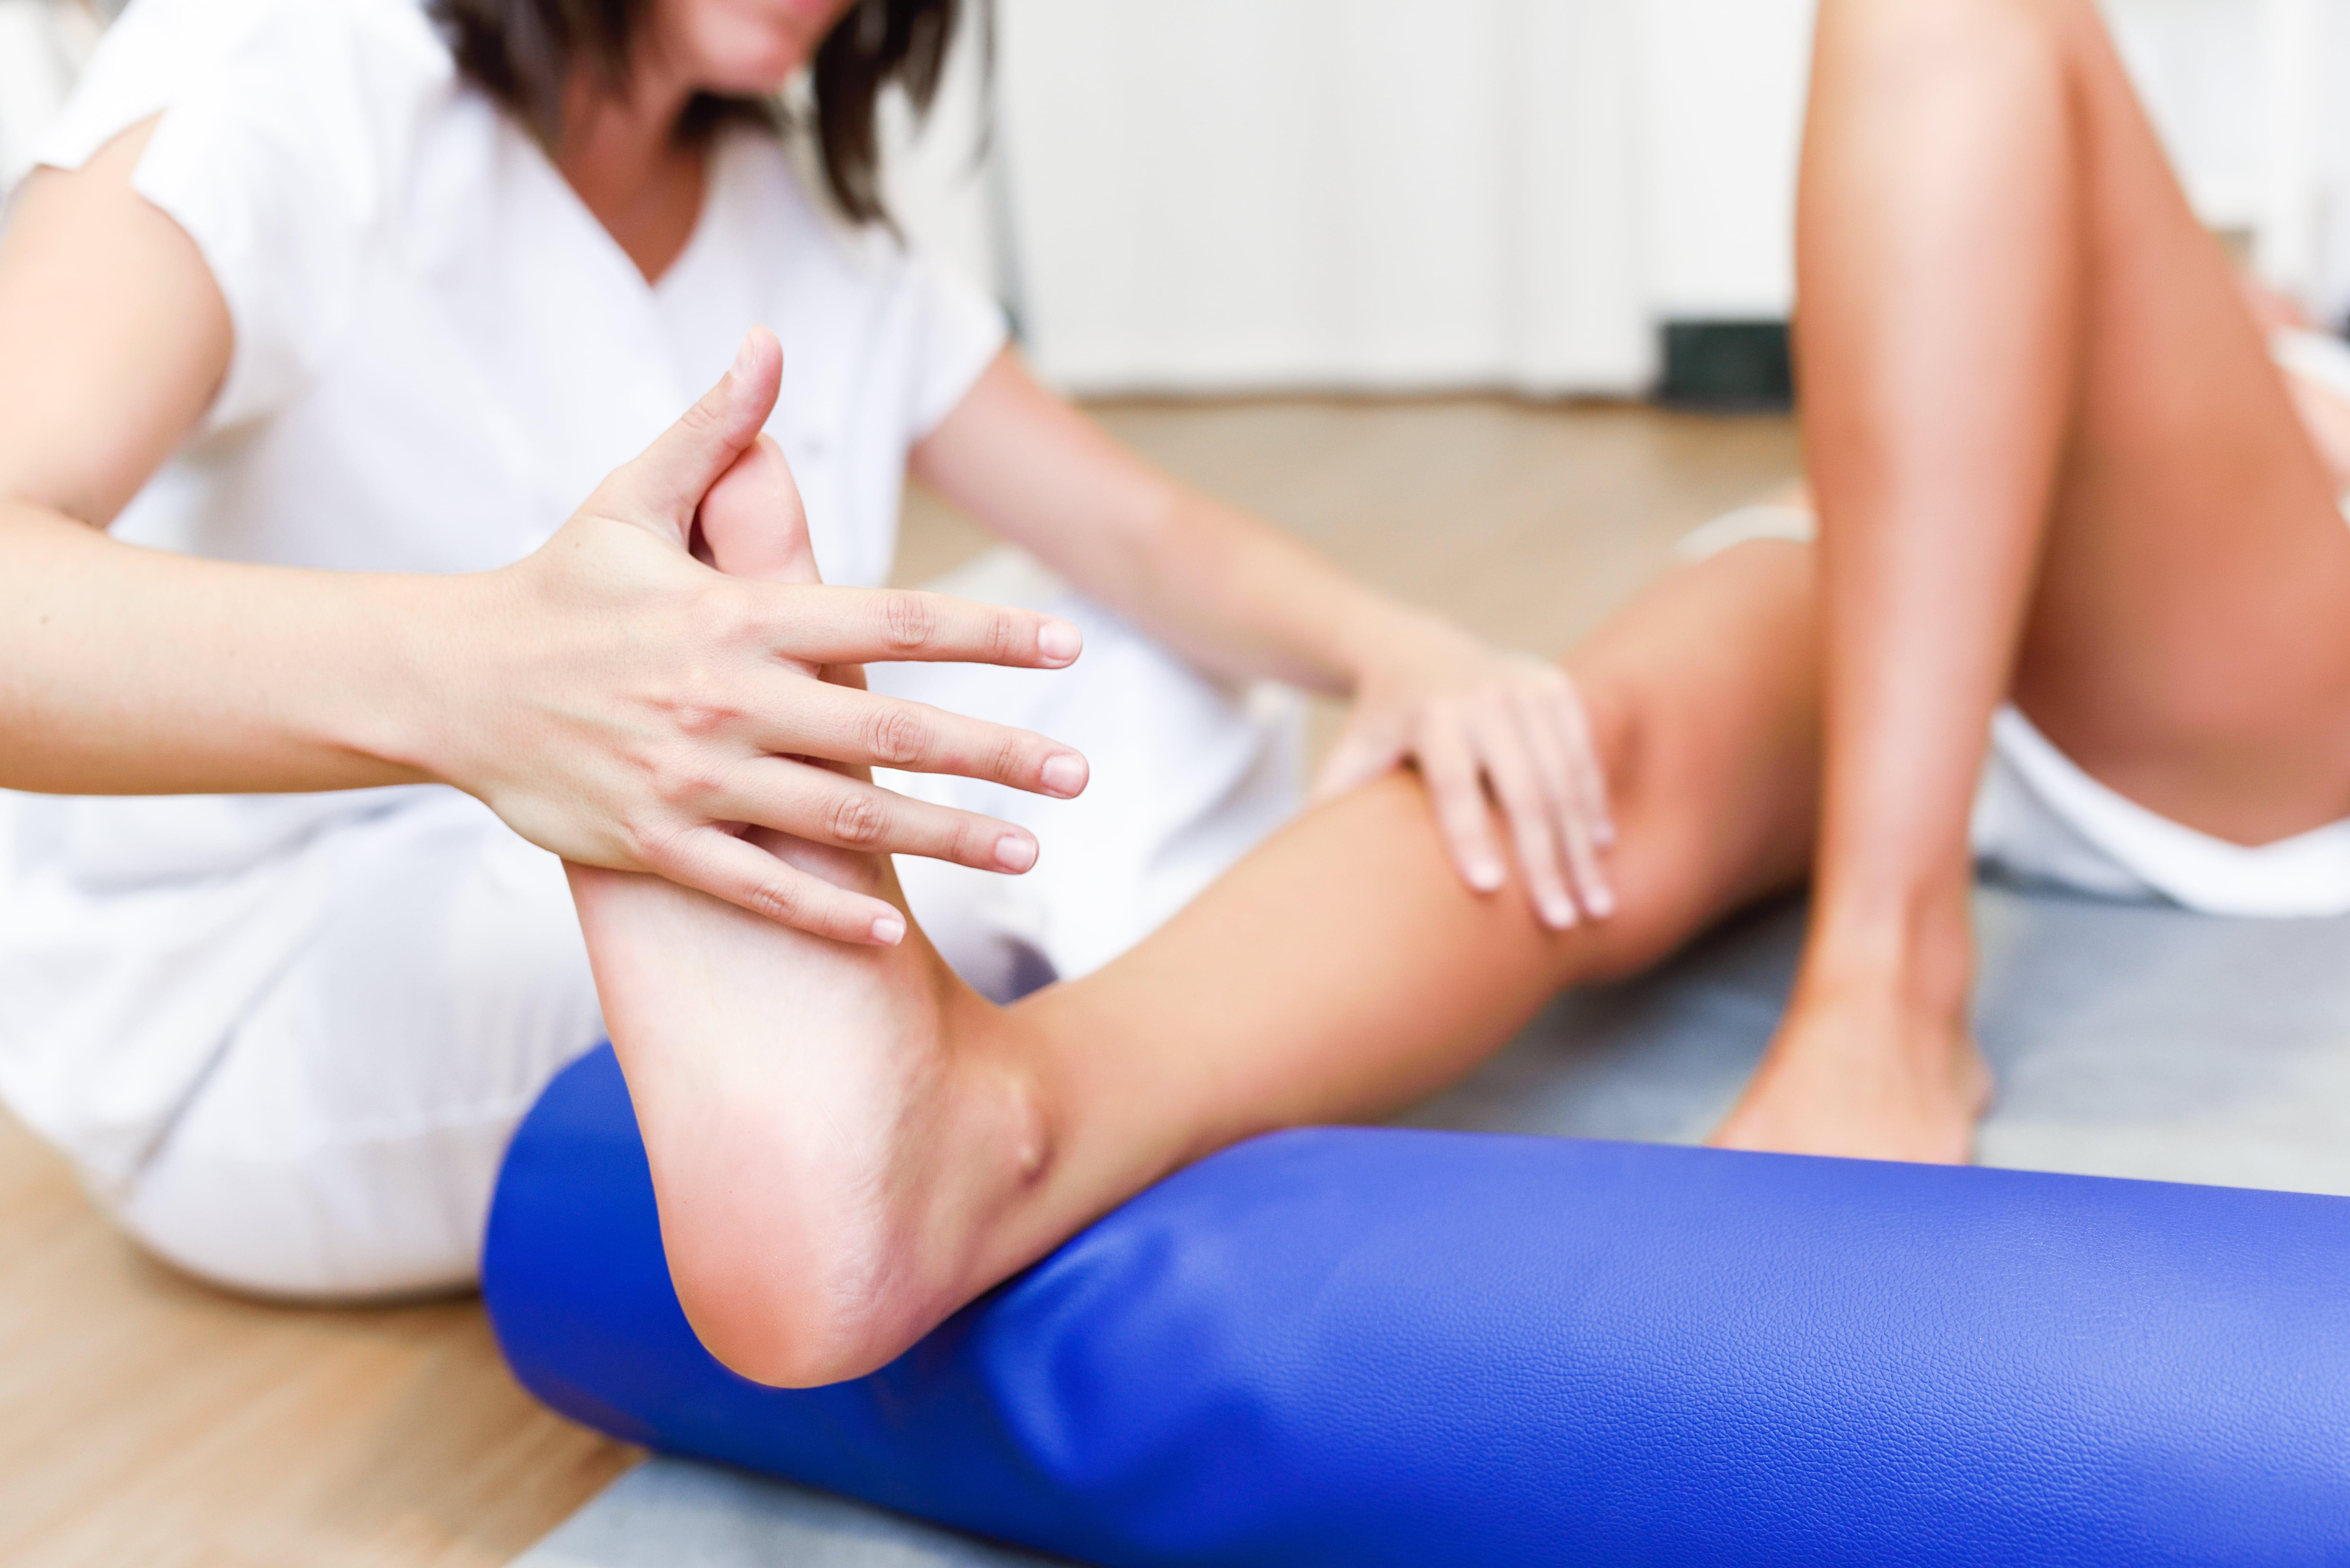 Riabilitazione fisica multidisciplinare: così si evitano le ricadute